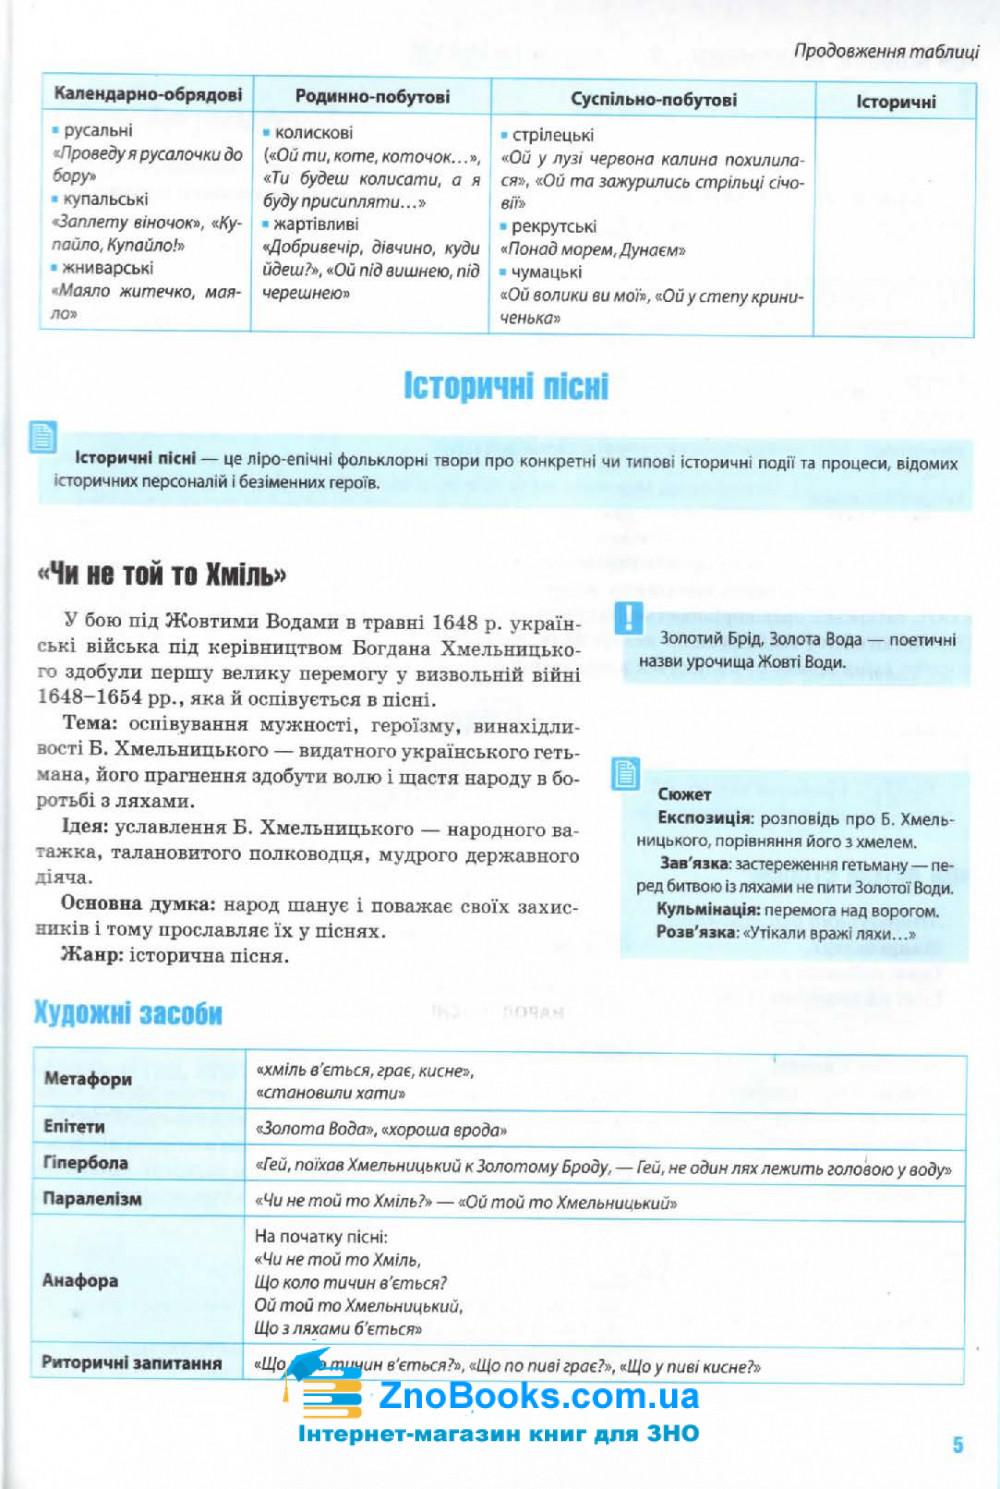 ЗНО 2022 Комплексне видання Українська література : Олексієнко Л. Освіта купити 5